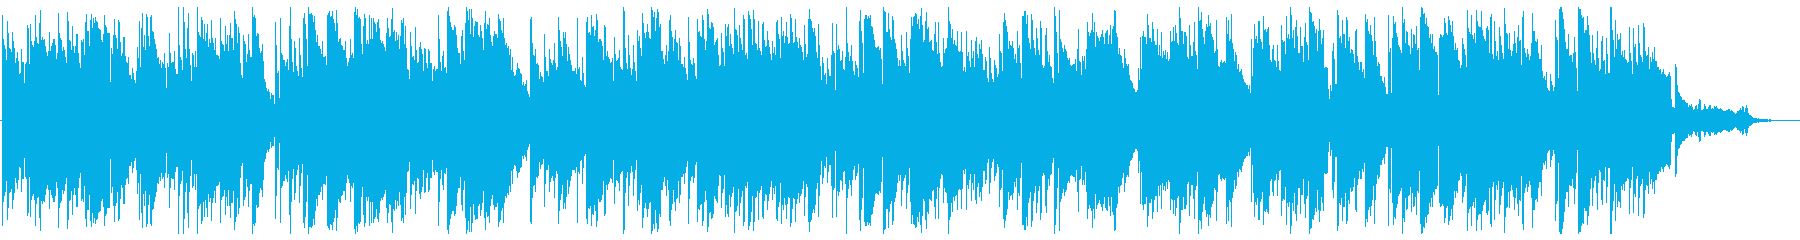 ピアノとストリングスの優しいバラードの再生済みの波形